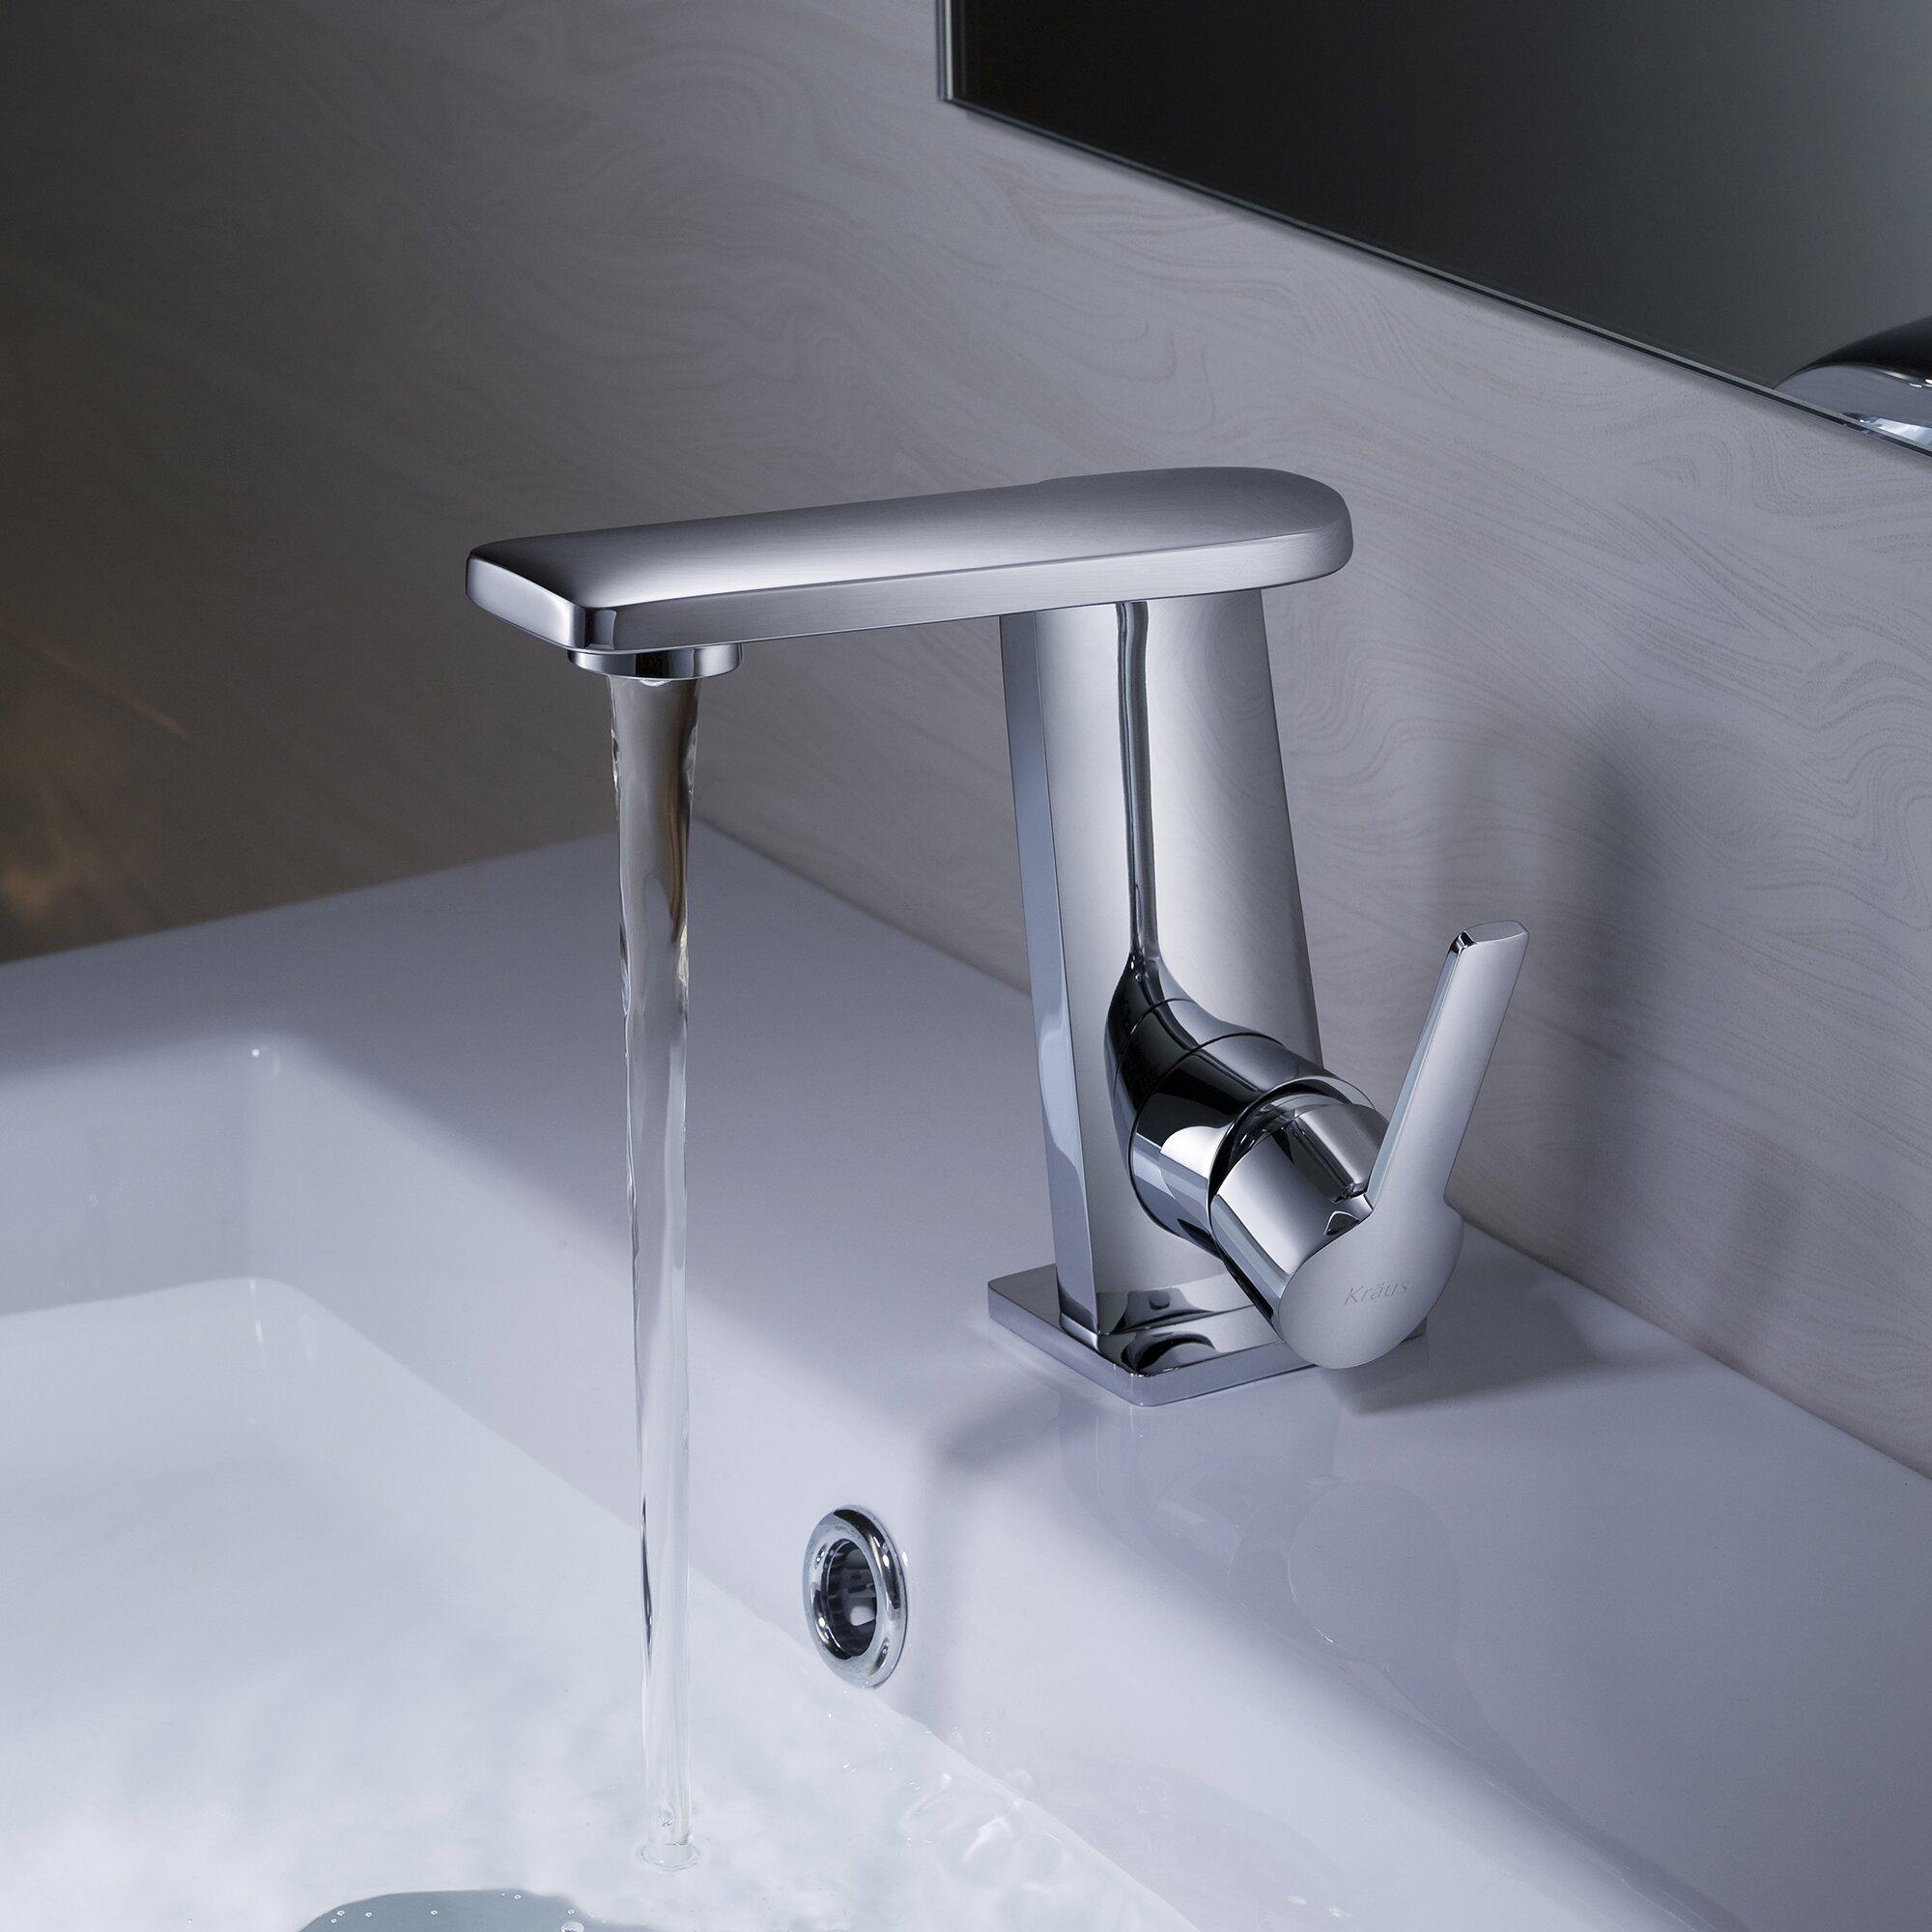 Kraus Faucets Reviews : Kraus Exquisite Novus Single Lever Basin Faucet & Reviews Wayfair